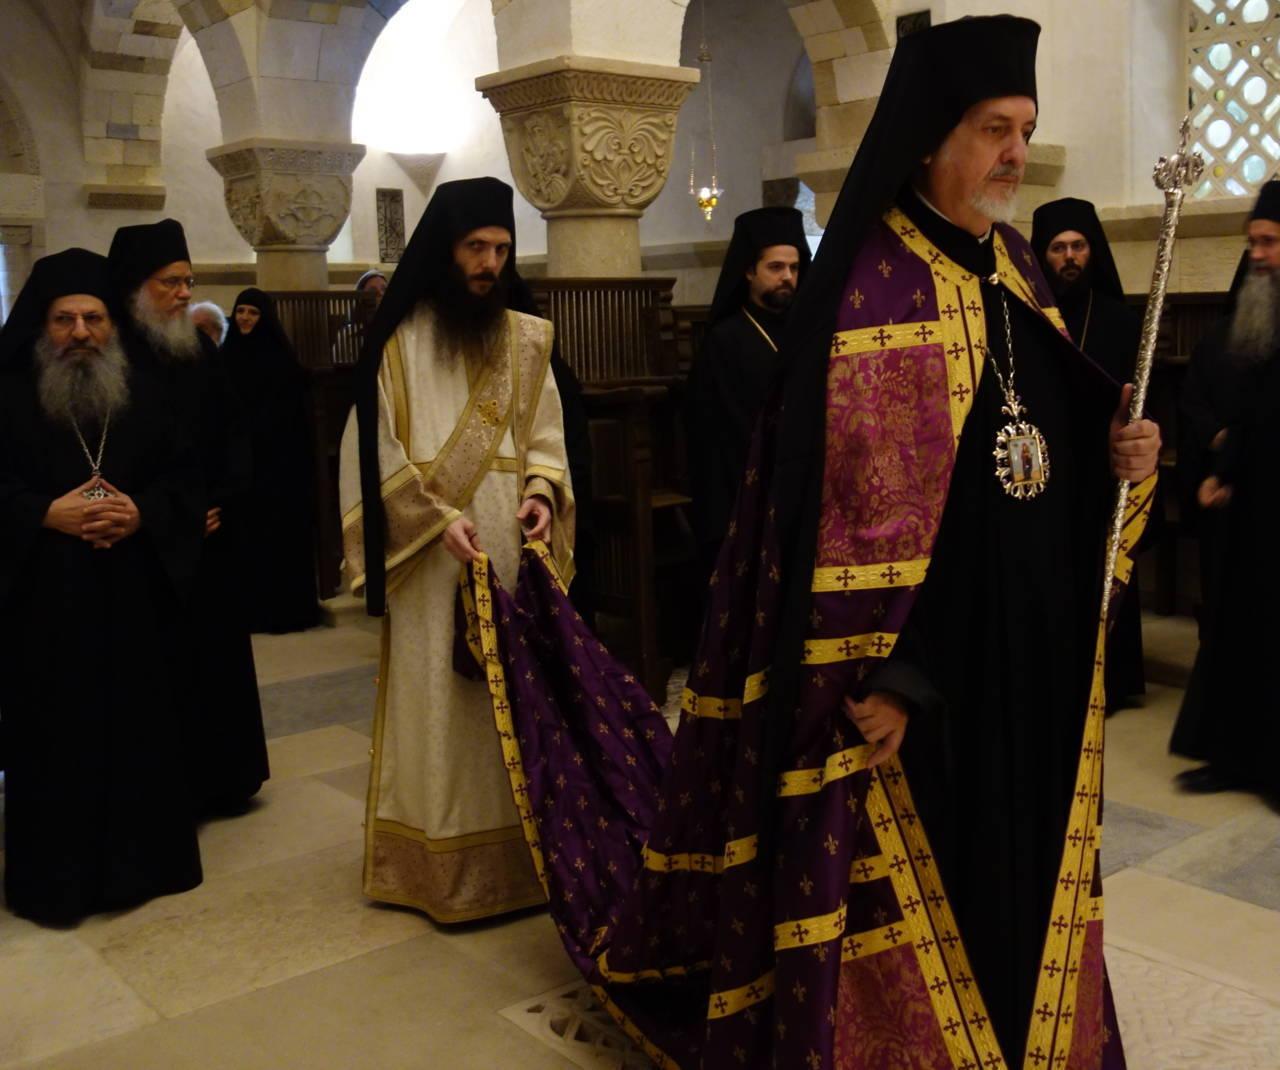 12 10 2019 2 - Λαμπρά εγκαίνια του Καθολικού της Ι. Μονής Αγίας Σκέπης Σολάν